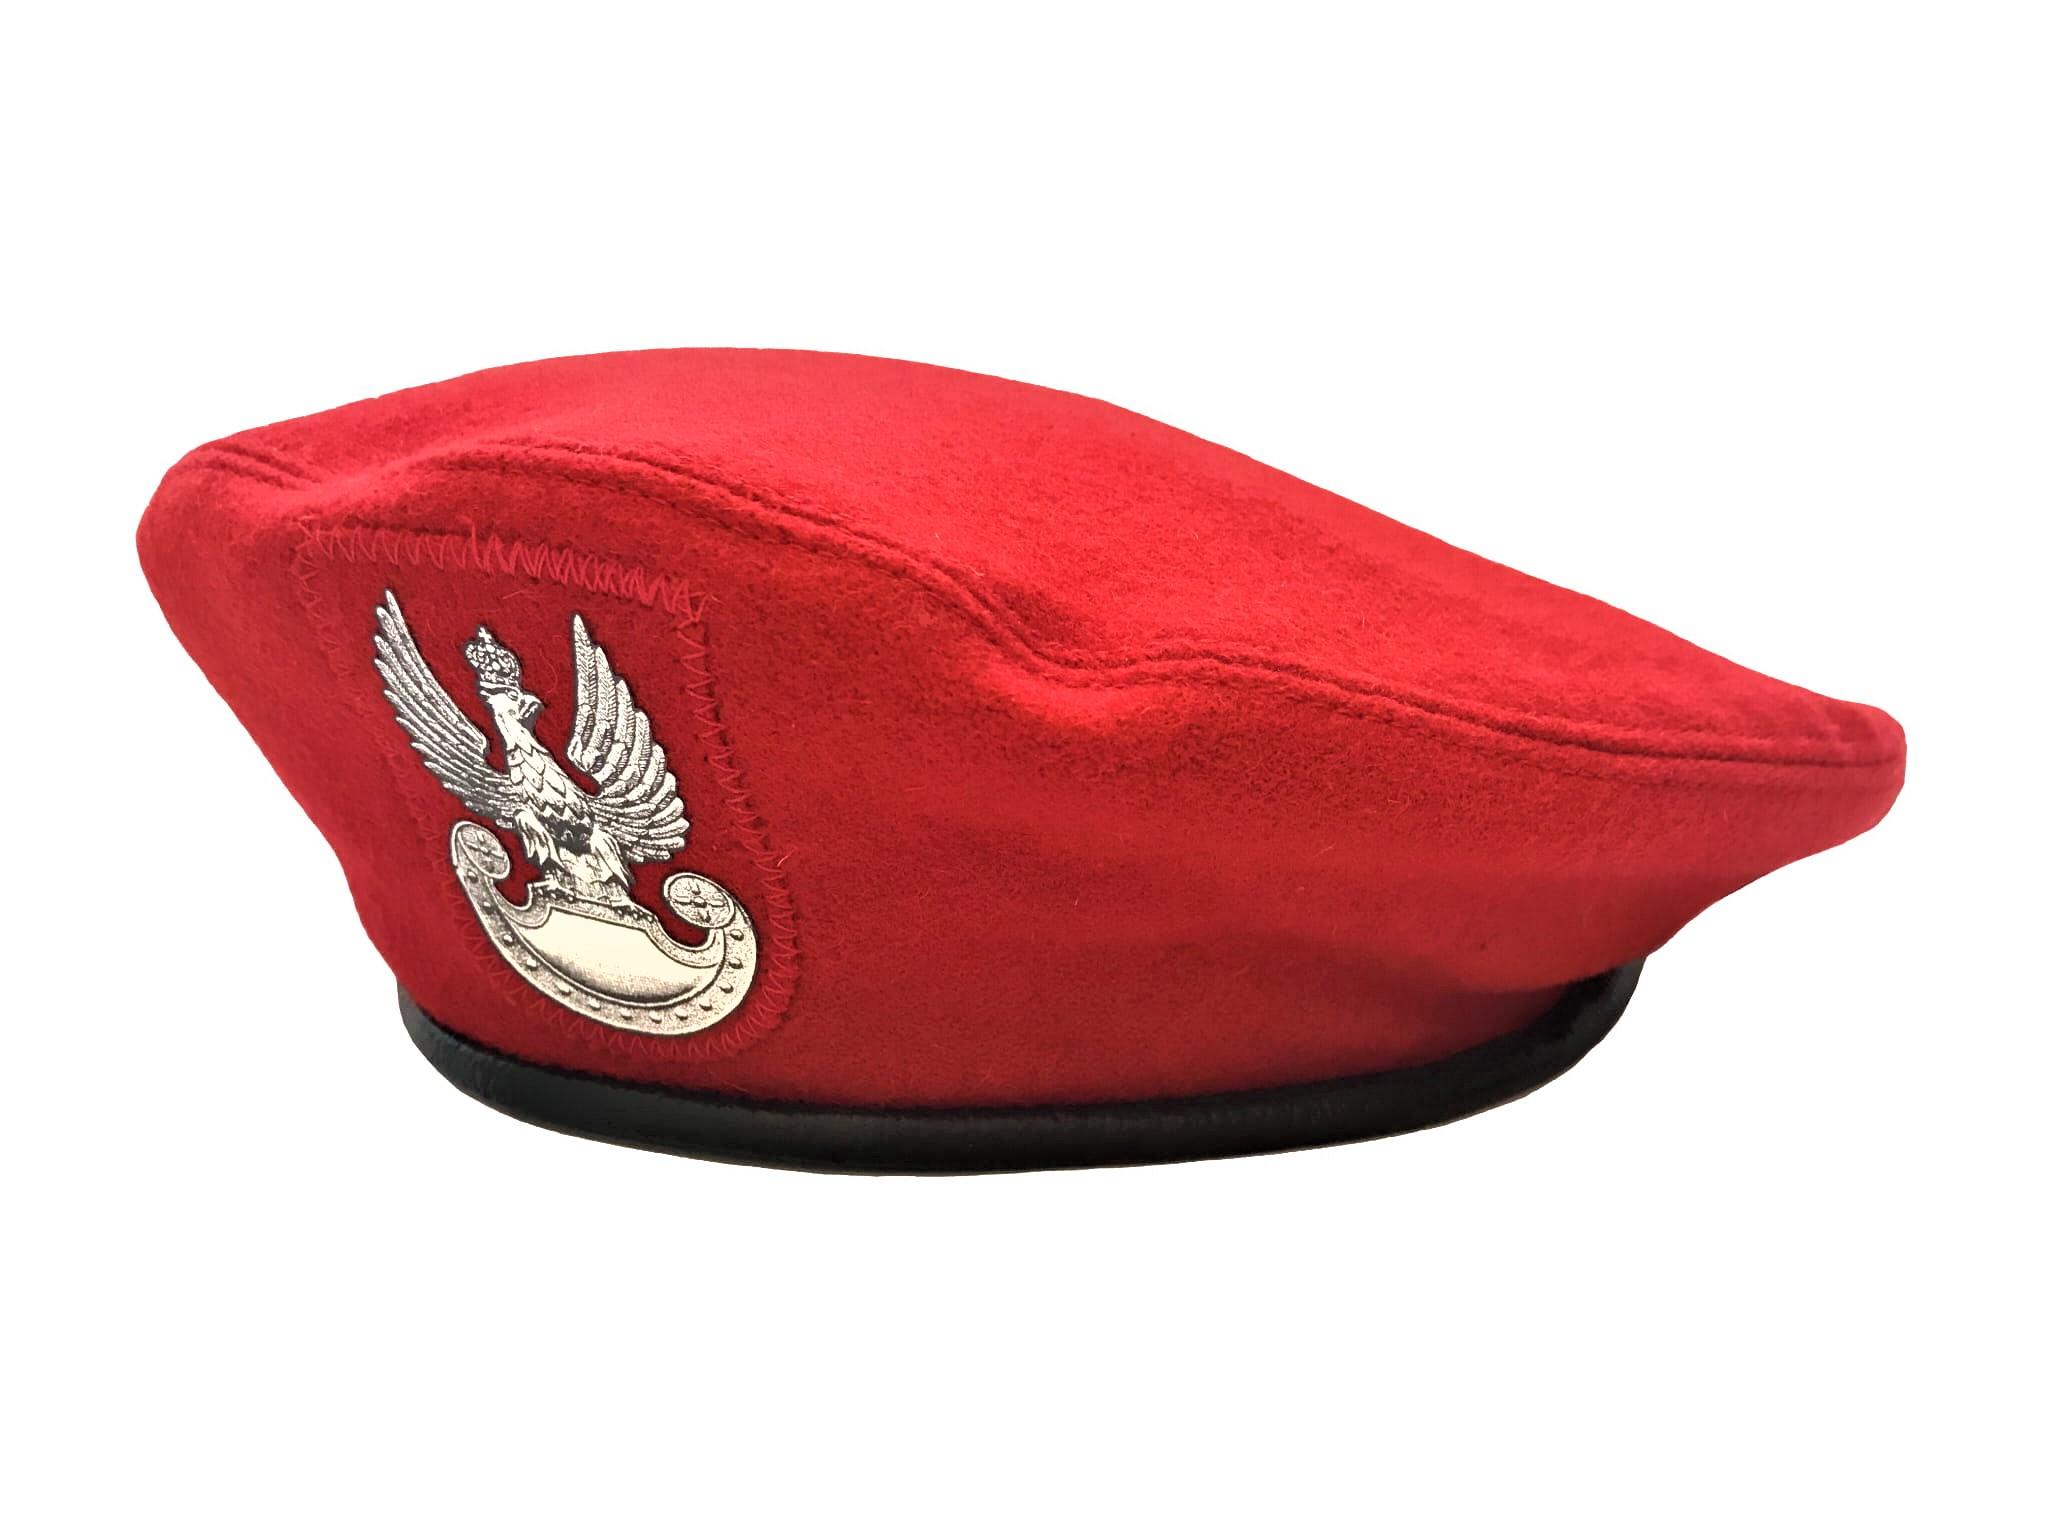 ARMÁDNÍ ORIGINÁL POLSKO Baret červený s orlicí Vojenská policie Polsko originál Velikost: zánovní 60